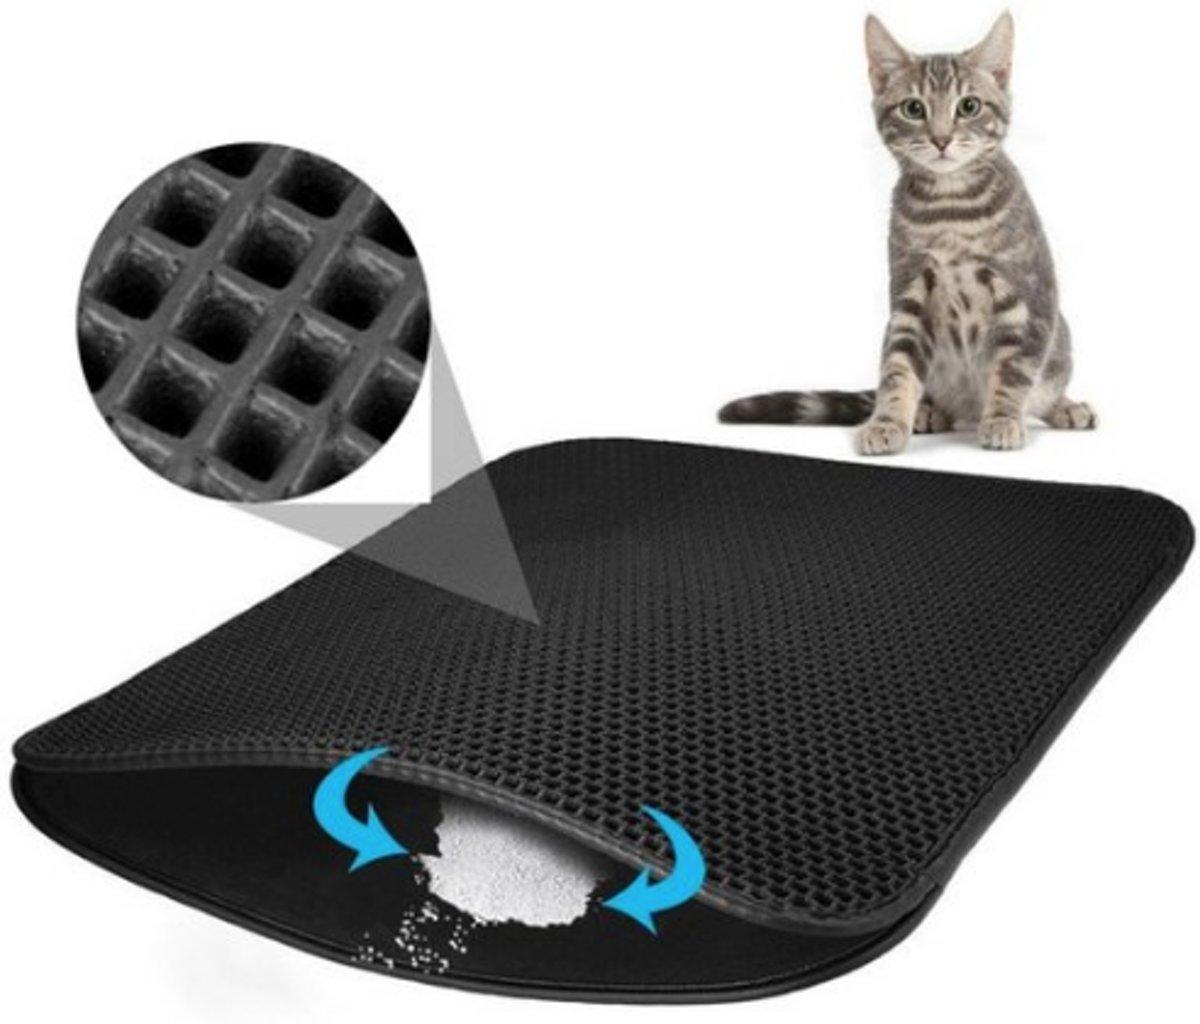 Kattenbakmat - Grit Opvanger - Waterdicht met Dubbele Laag - Cat litter mat - Zwart - 40 x 50 cm kopen